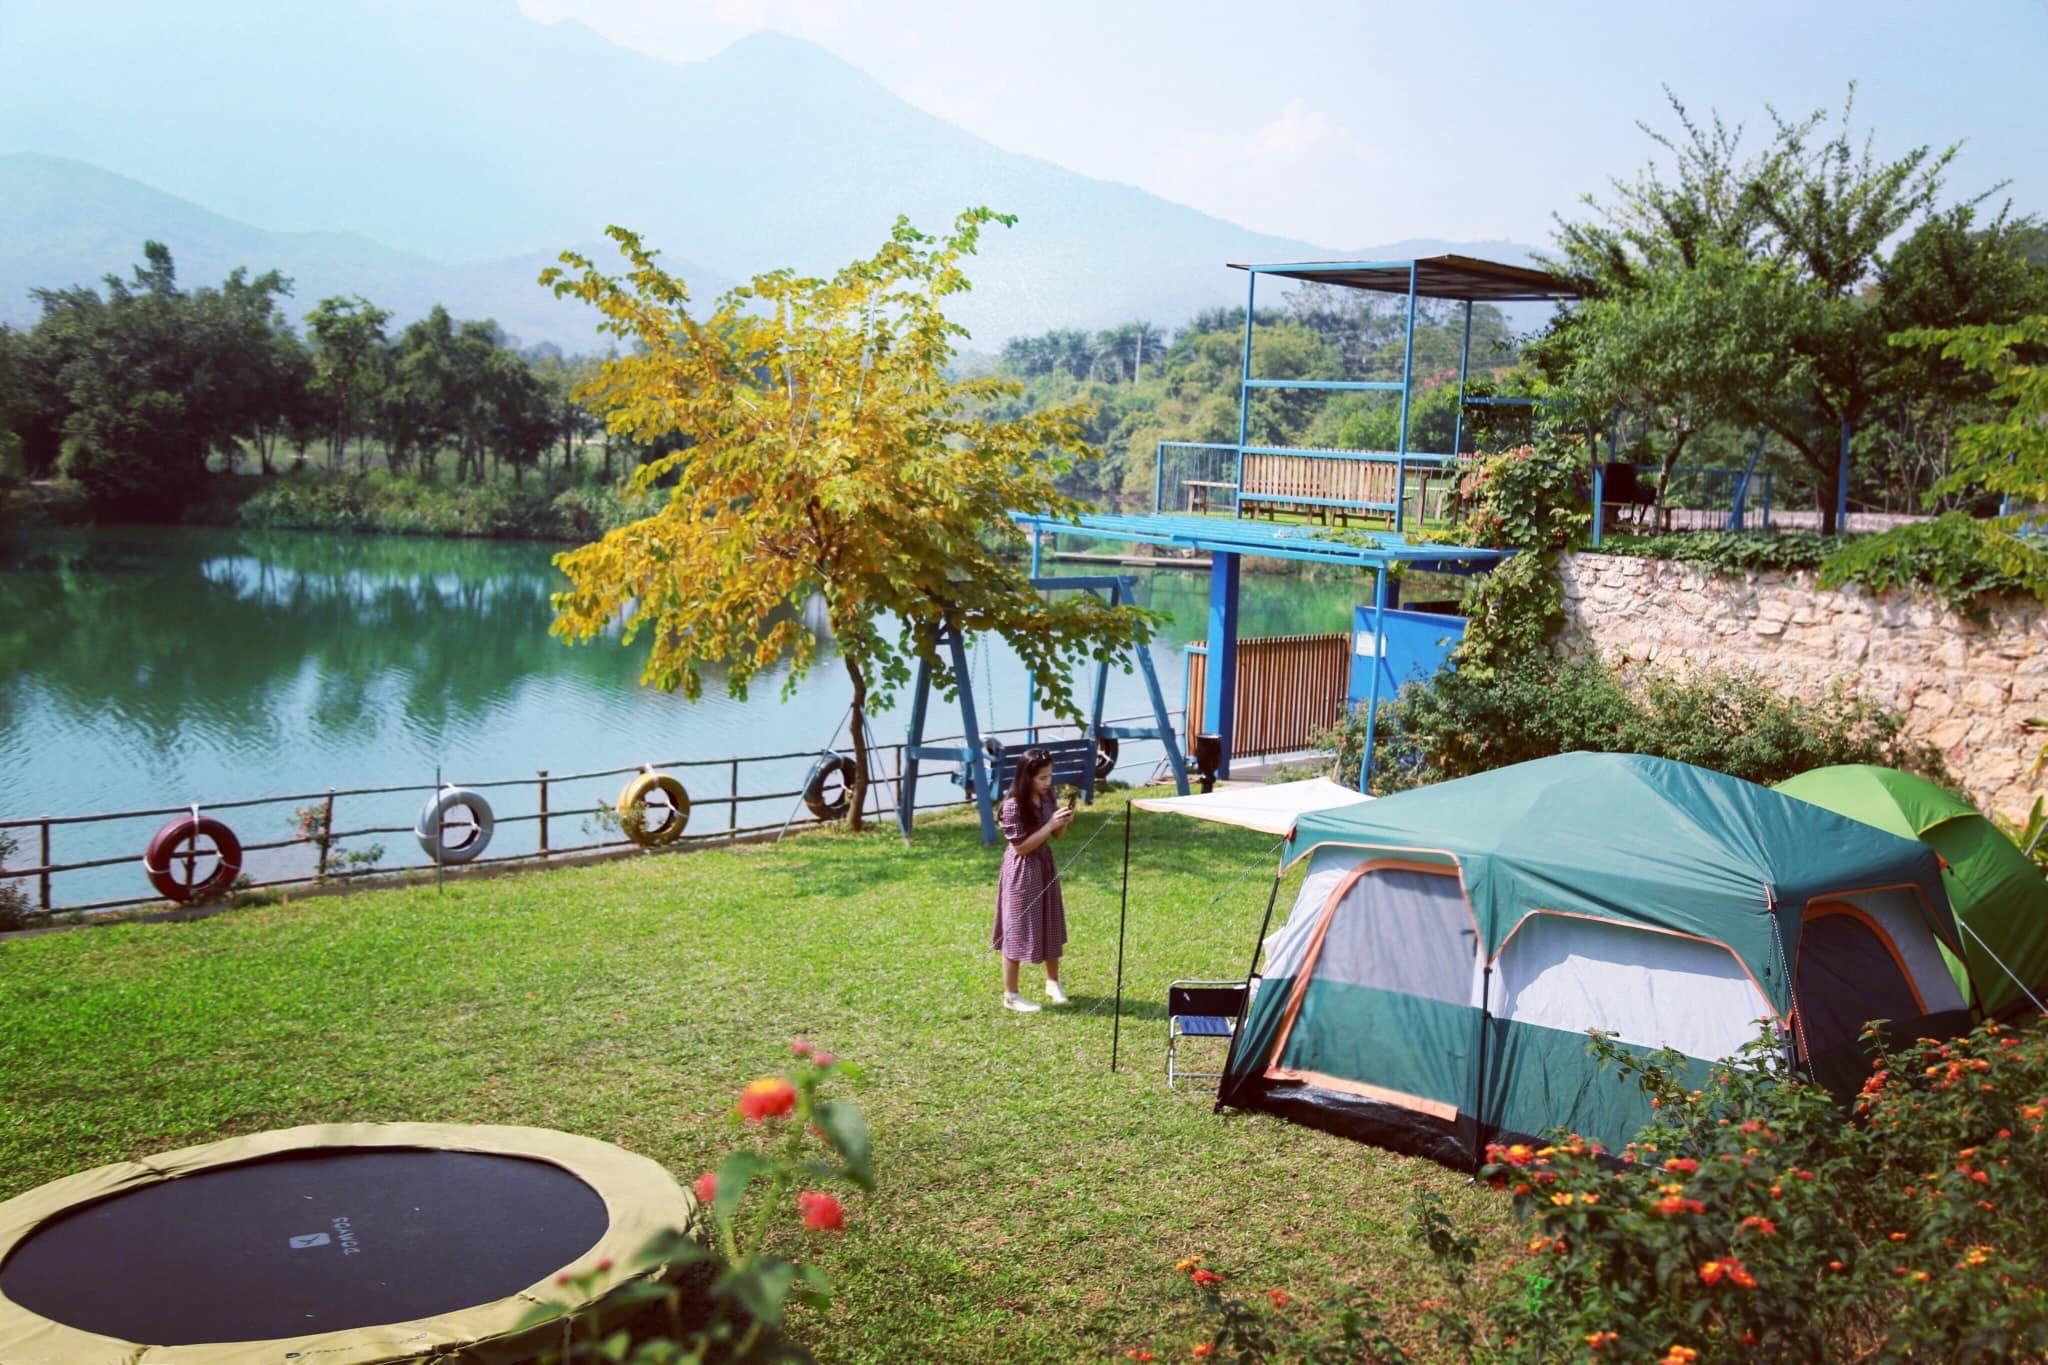 khong-gian-tochi-lakeside-homestay-ba-vi-ha-noi-04